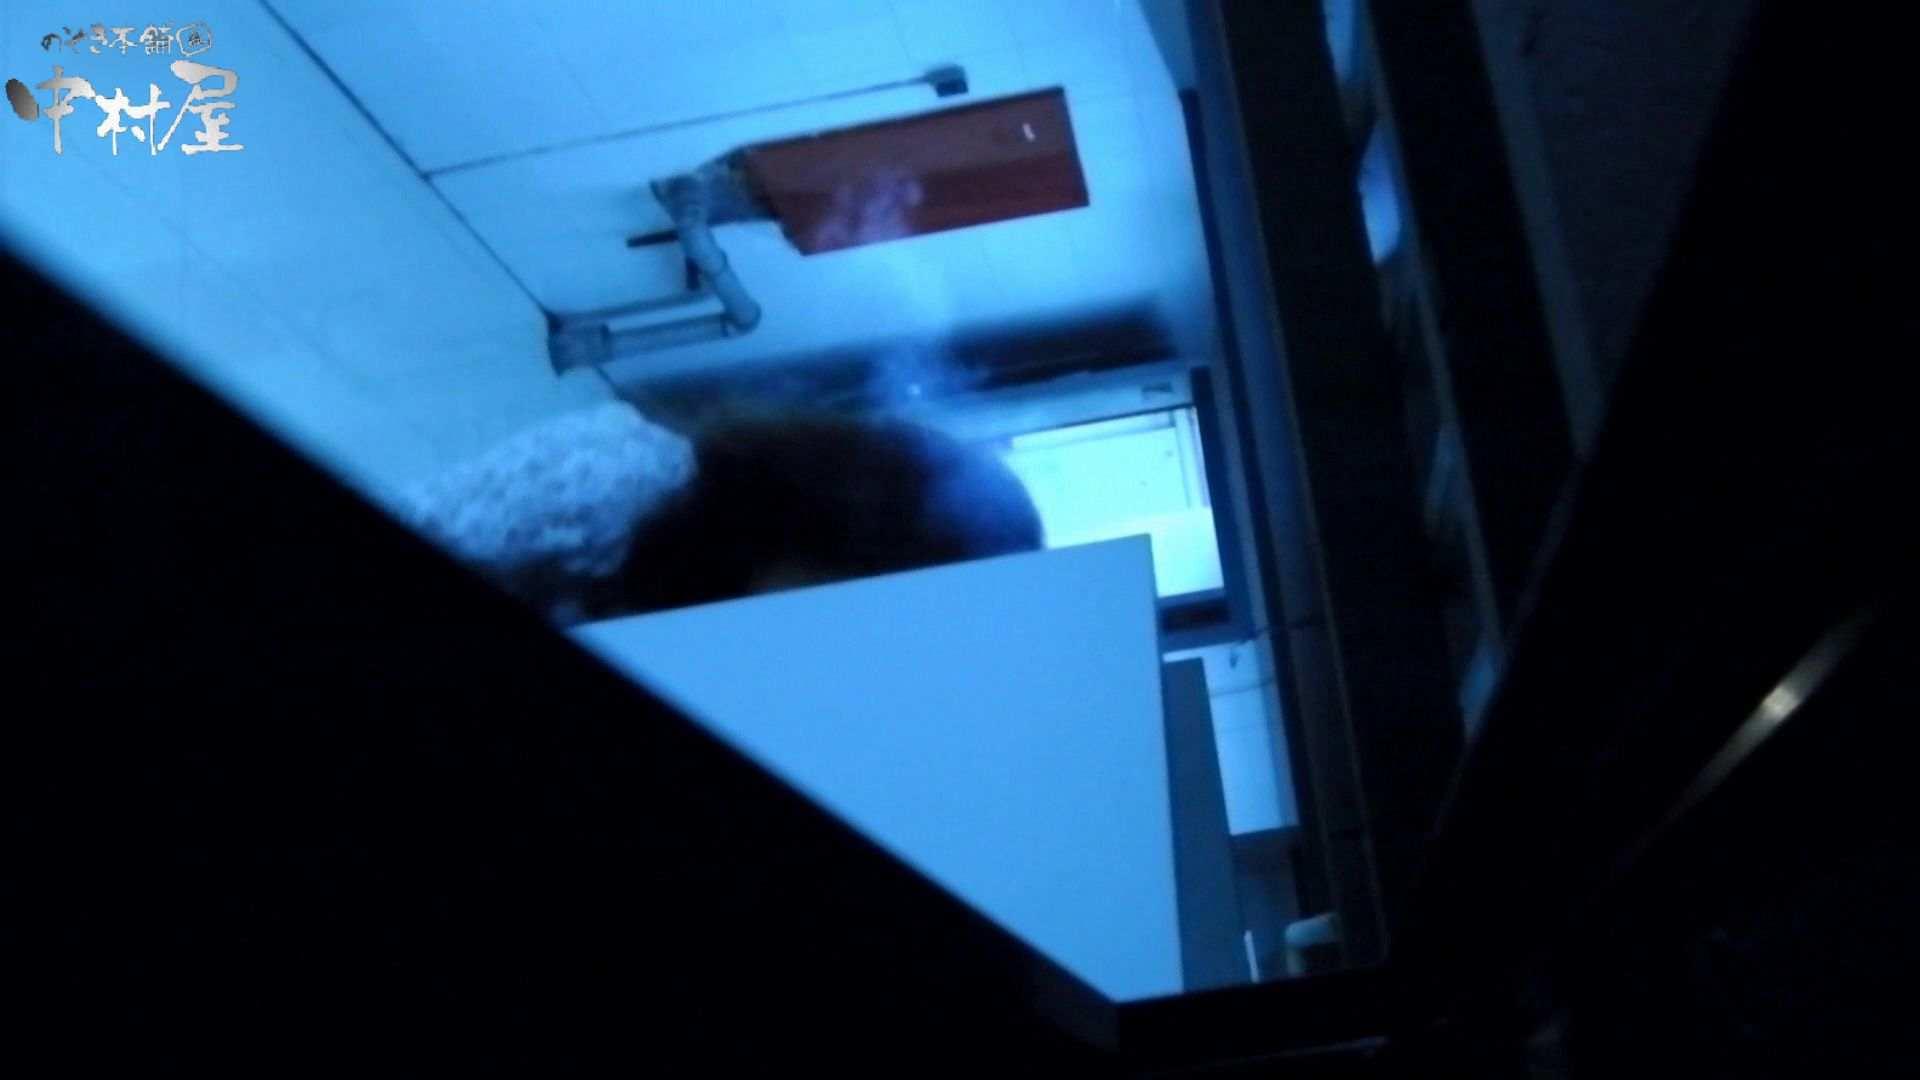 新世界の射窓 No72 モデル級なら個室から飛び出て追っかけます 洗面所  41連発 4